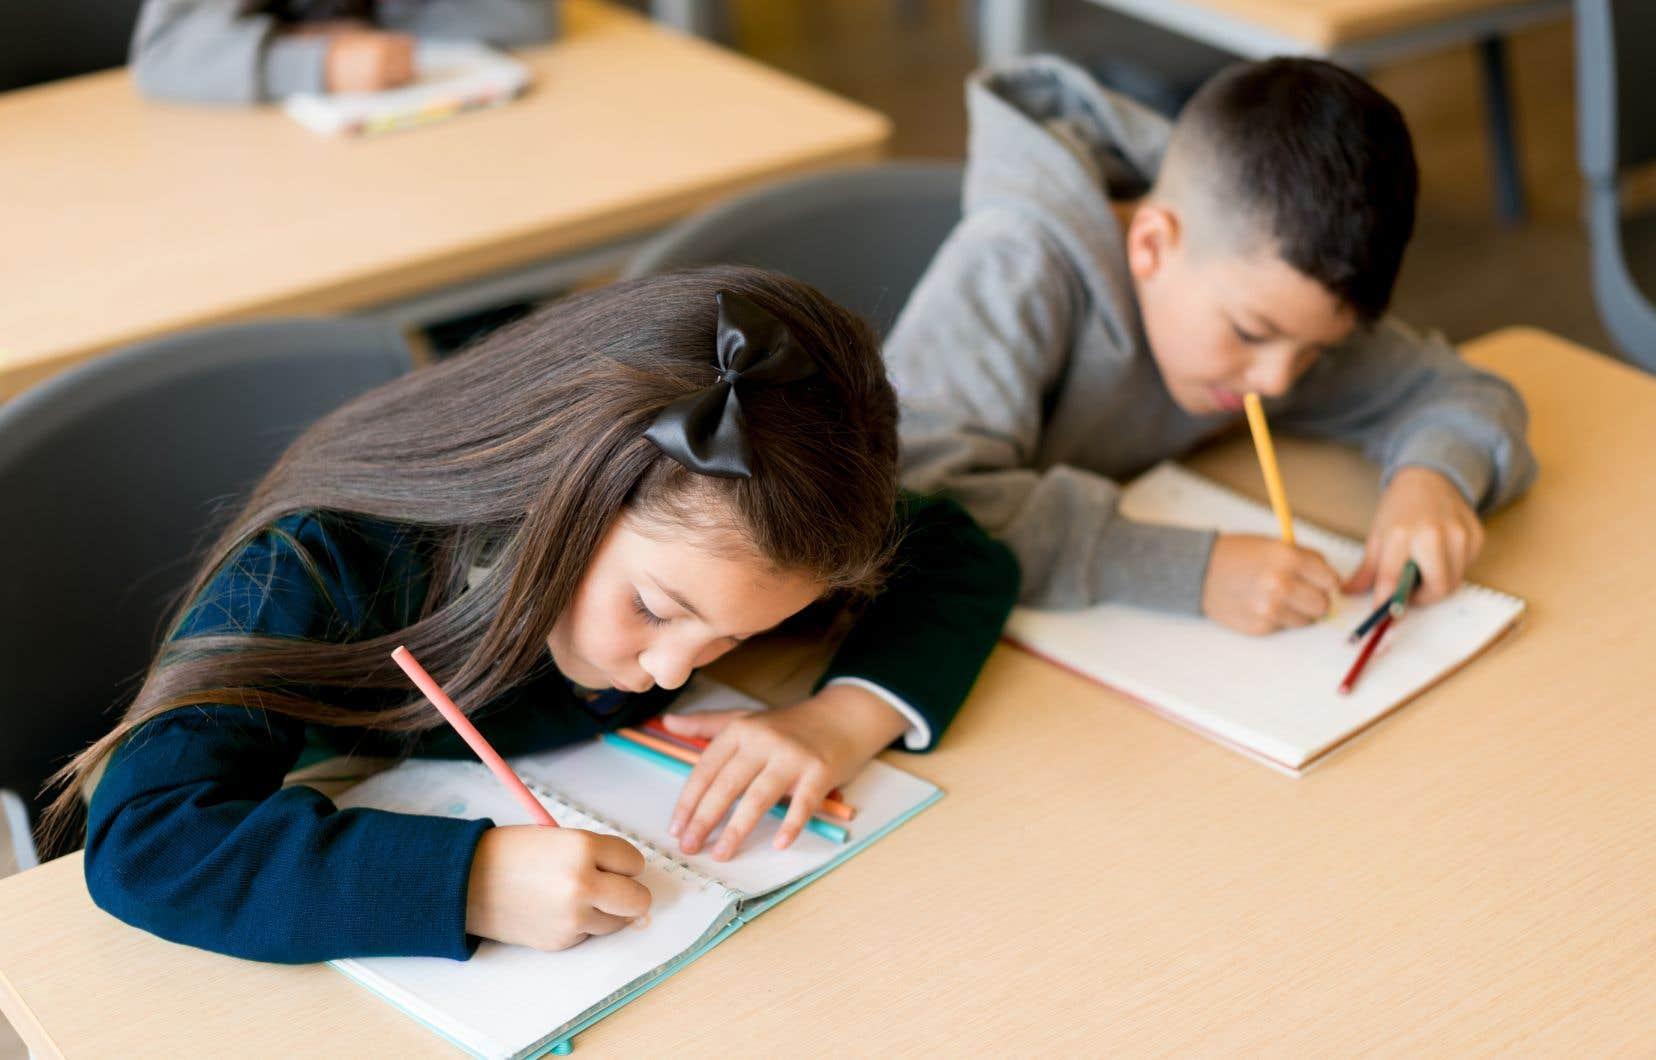 Les commissions scolaires et les directions d'établissement parviennent mal à déterminer ce qui doit être gratuit et ce qui doit être payé par les parents en vue de la prochaine année scolaire.